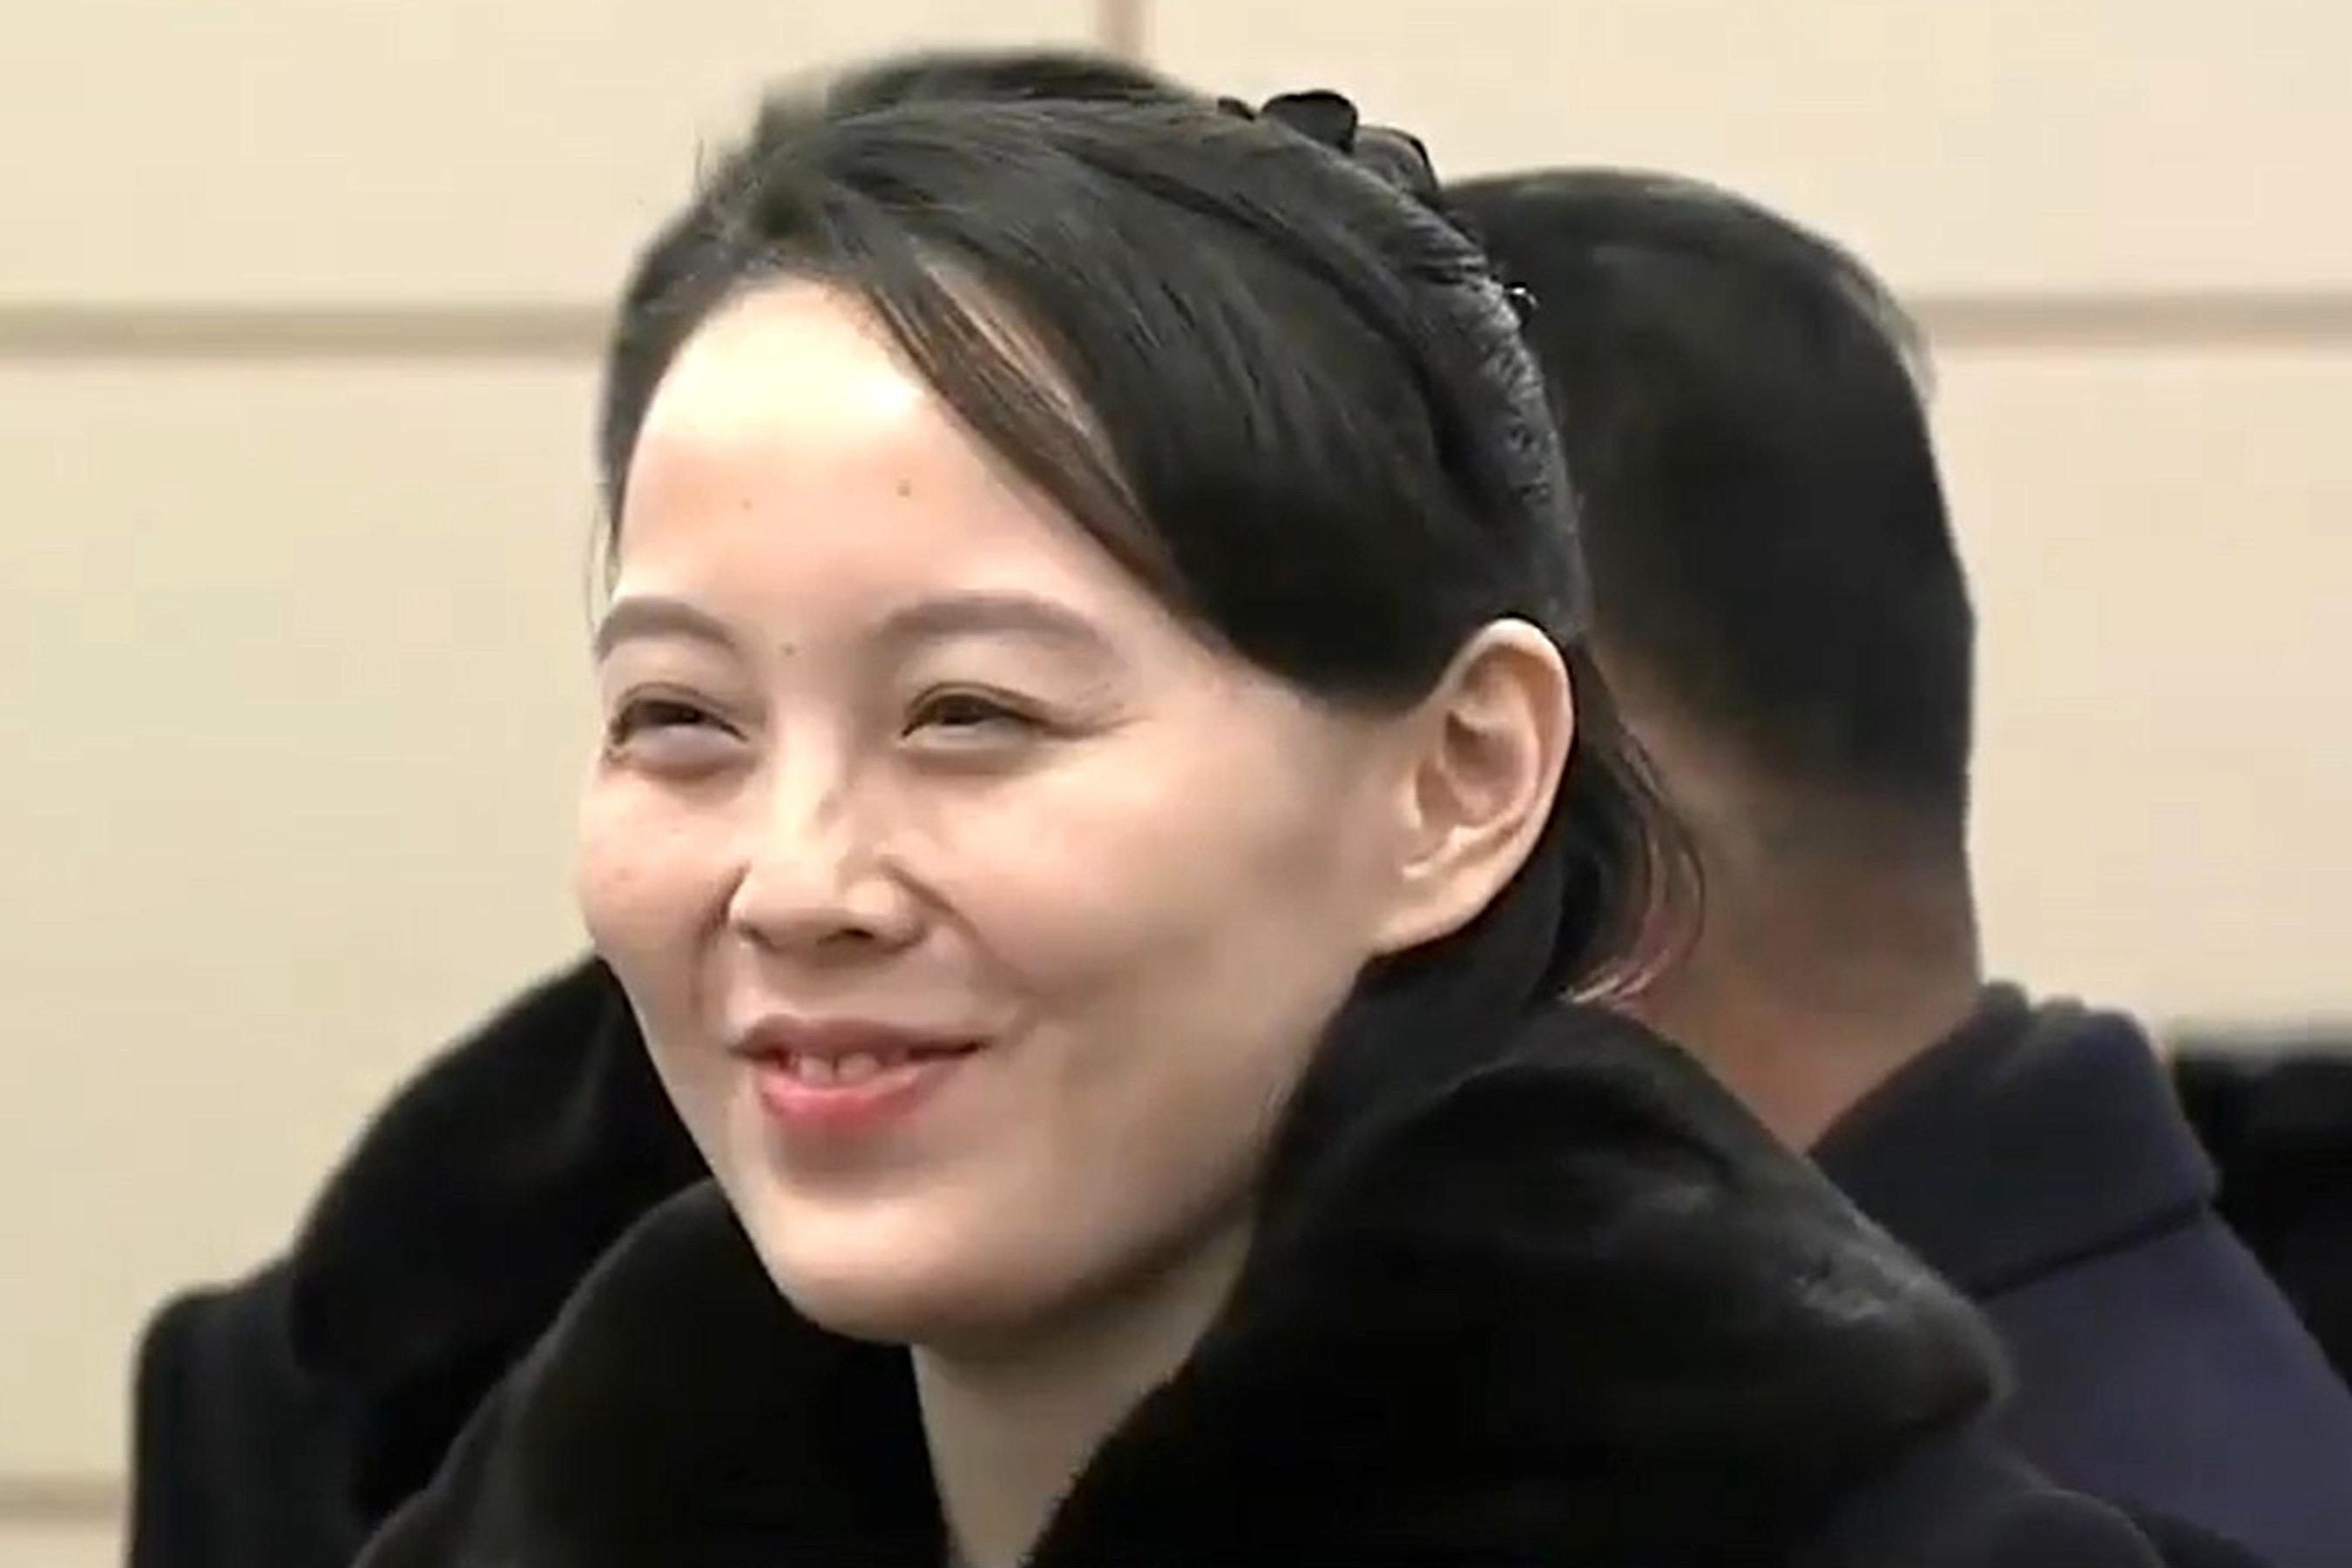 김정은 북한 노동당 위원장의 여동생인 김여정 당 중앙위 제1부부장이 9일 오후 서해 직항로를 거쳐 인천국제공항 의전실에 도착해 밝게 웃고